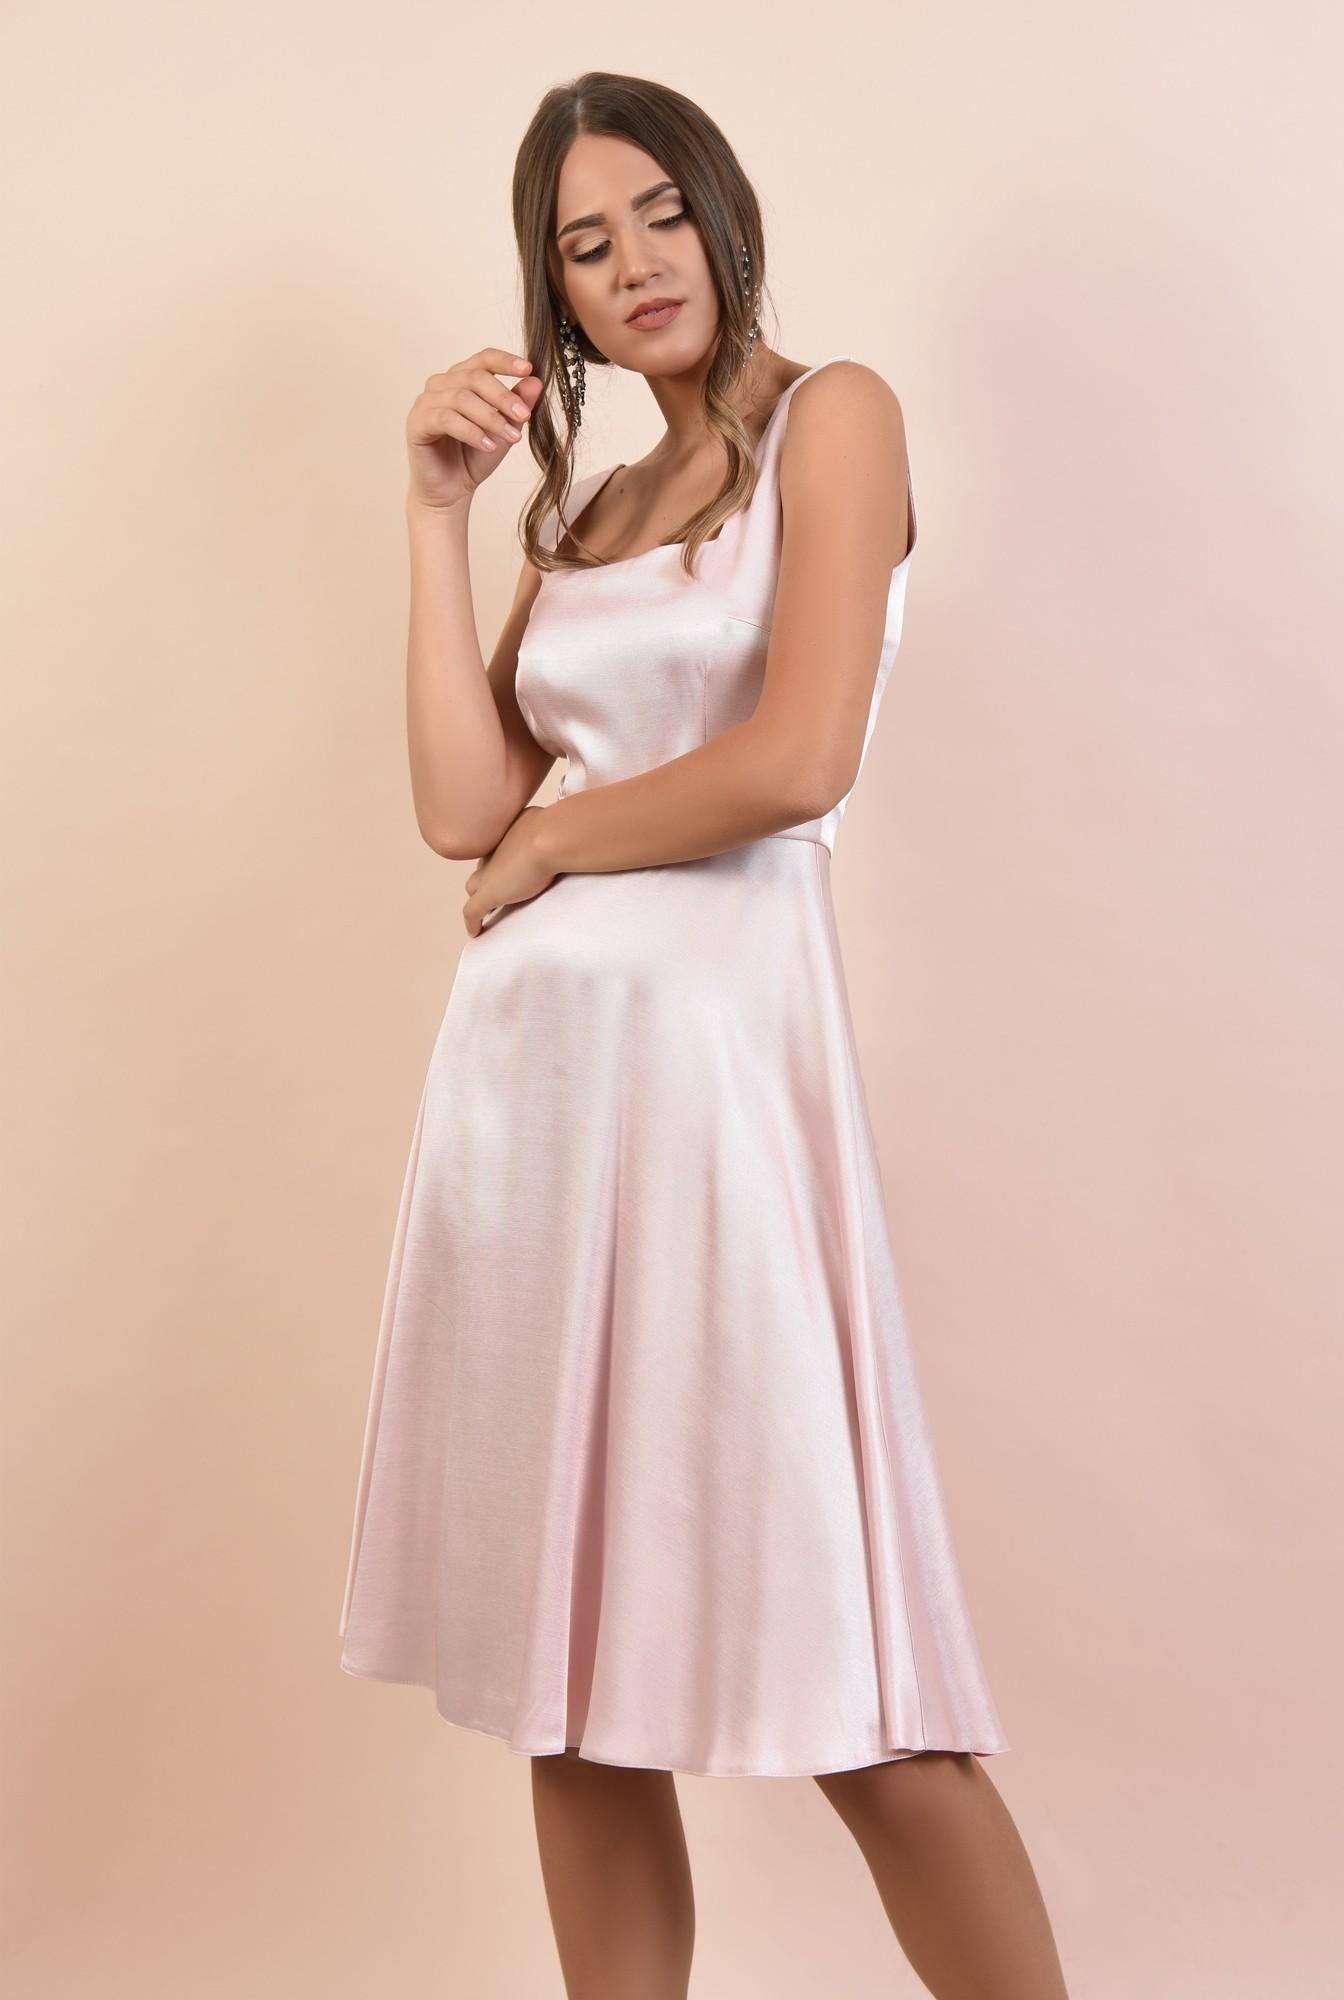 0 - rochie eleganta, cu bretele, croi evazat, inchidere cu fermoar ascuns